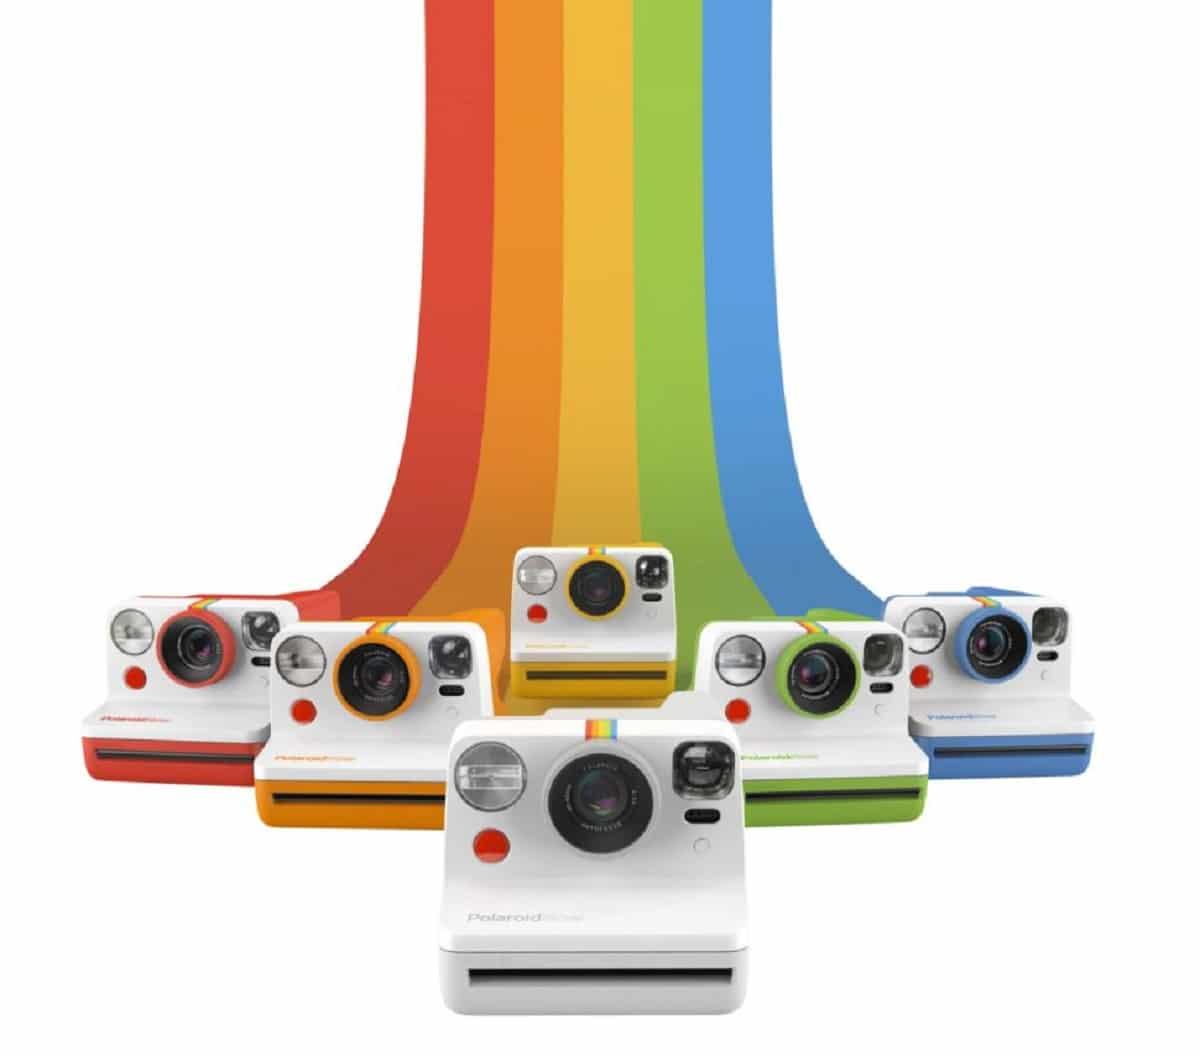 Polaroid rebrand